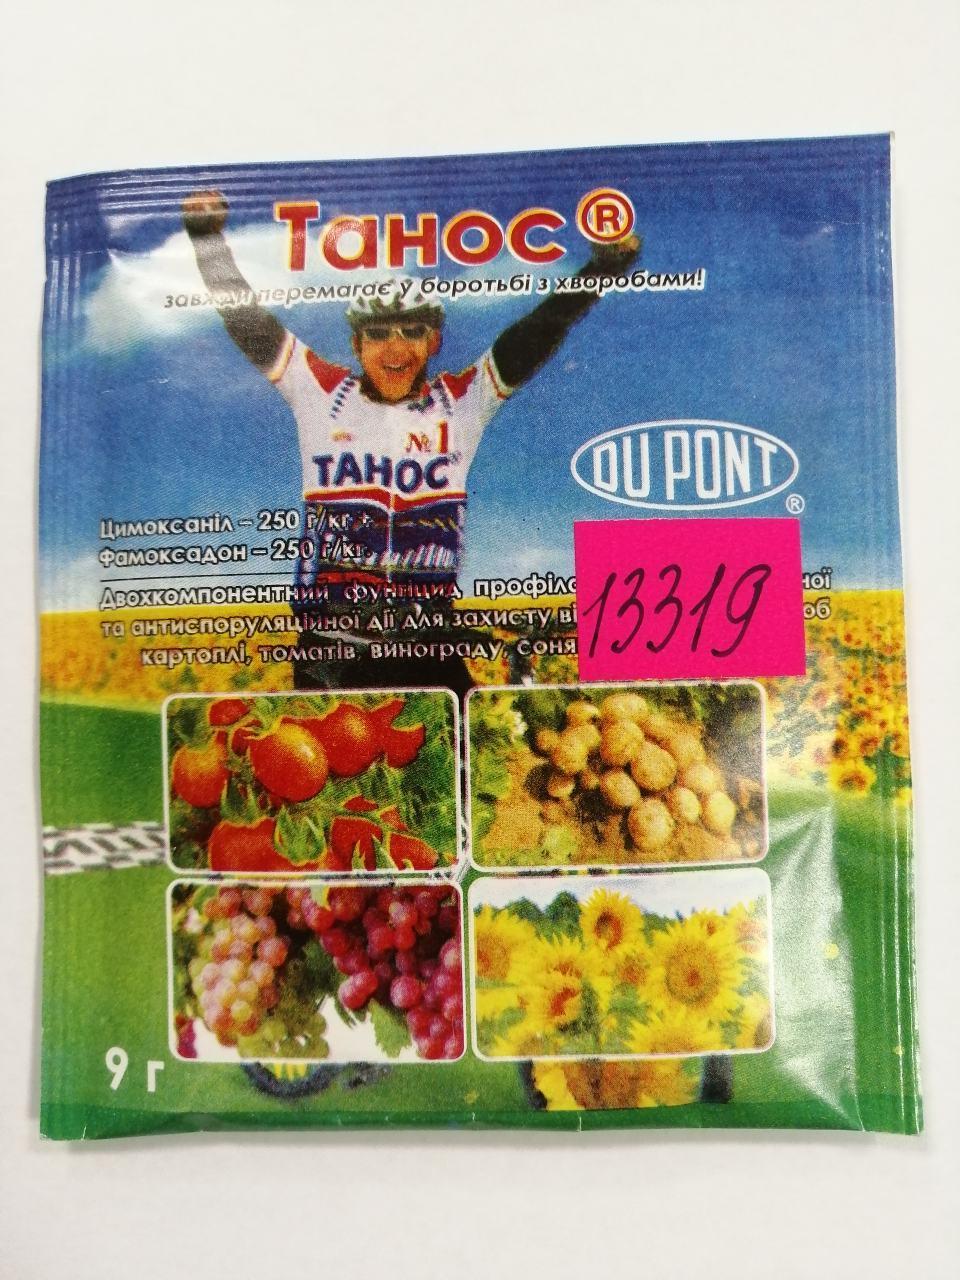 Танос, 9 г — фунгицид от заболеваний картофели, овощей, винограда, подсолнуха